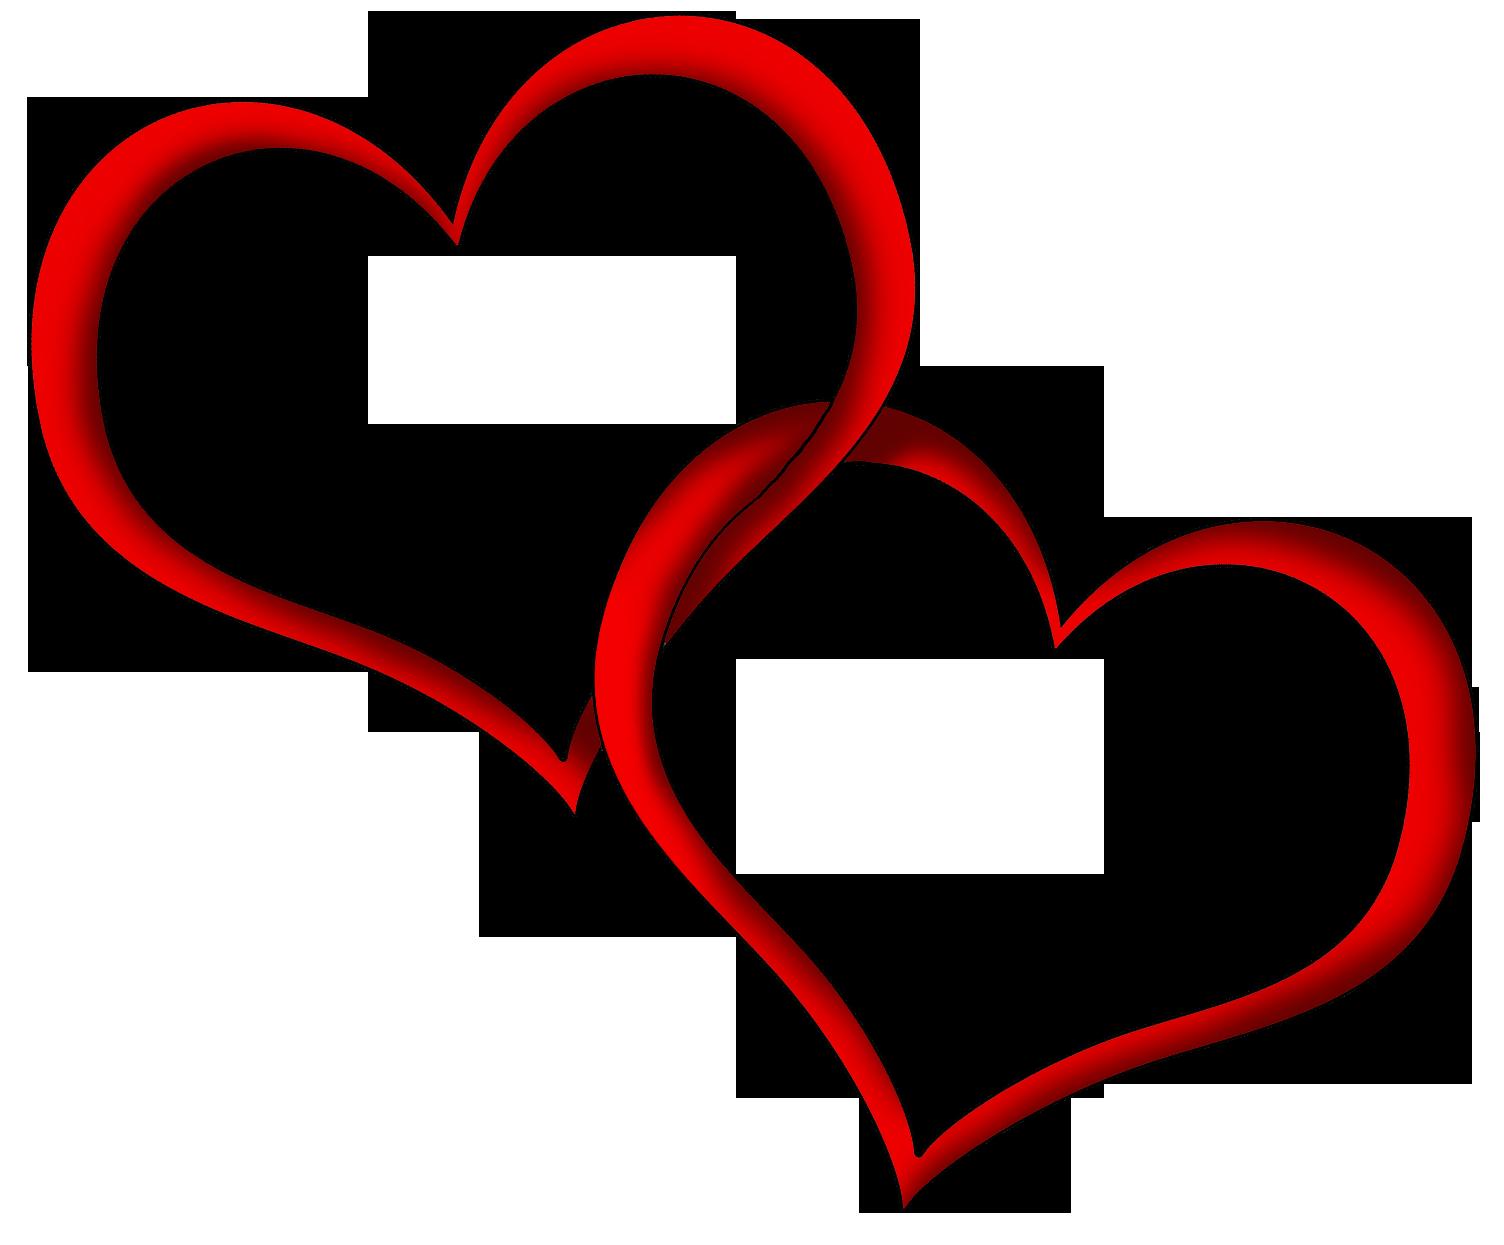 clip art double hearts free - photo #16